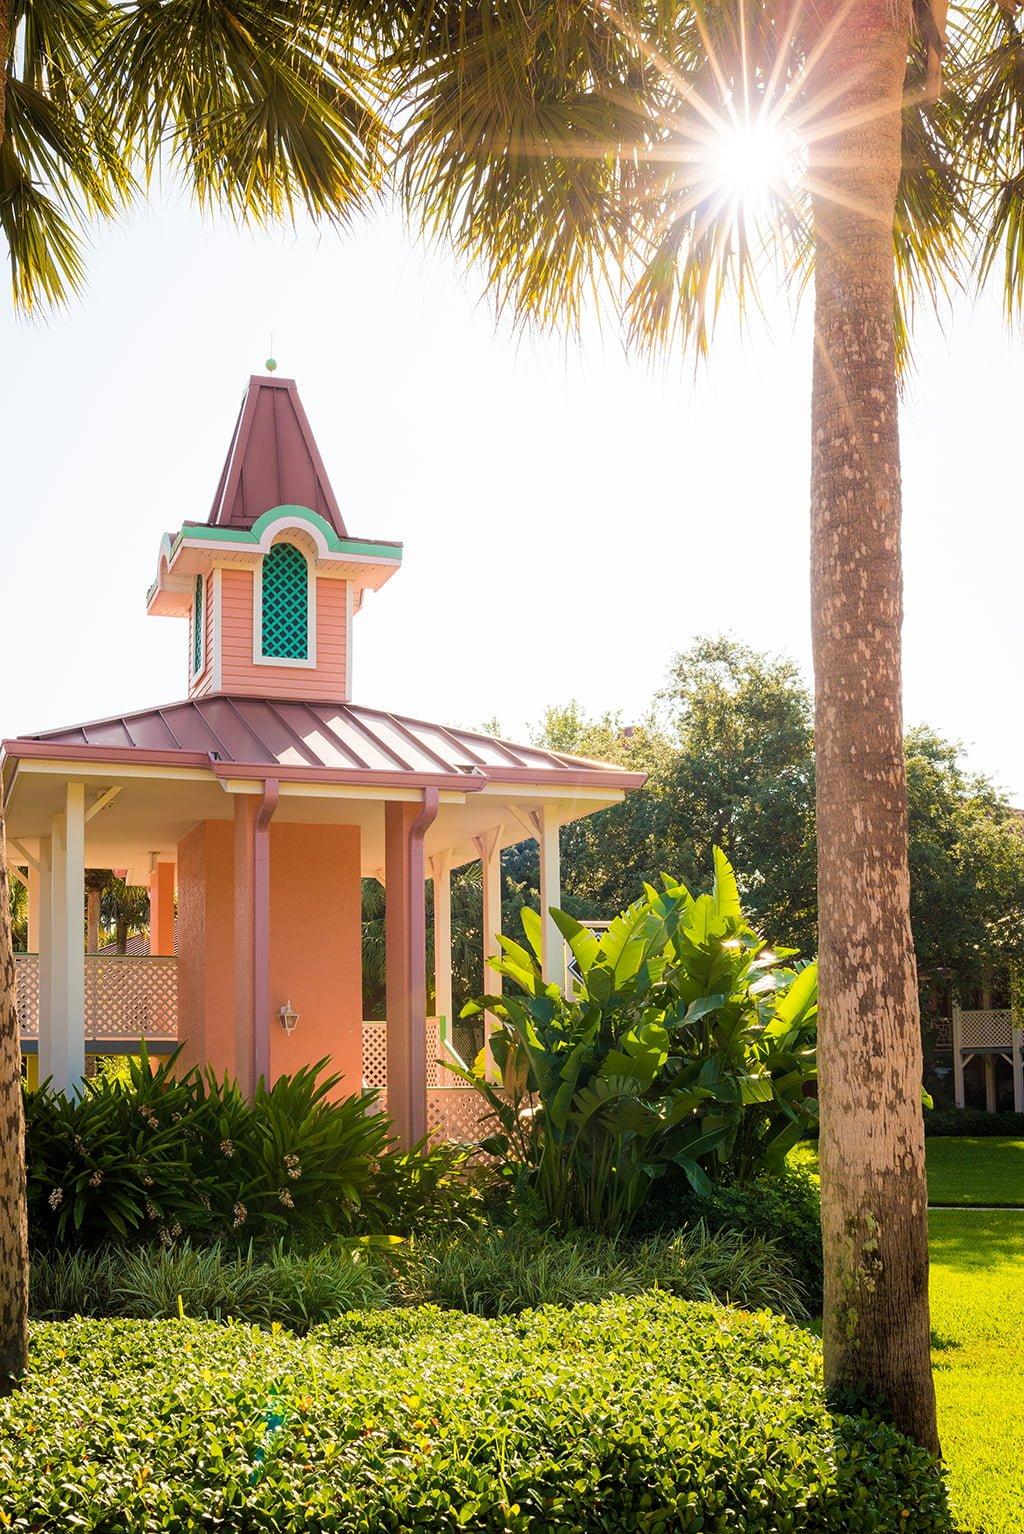 Caribbean Beach Resort Refurbishment Food Court Closed April